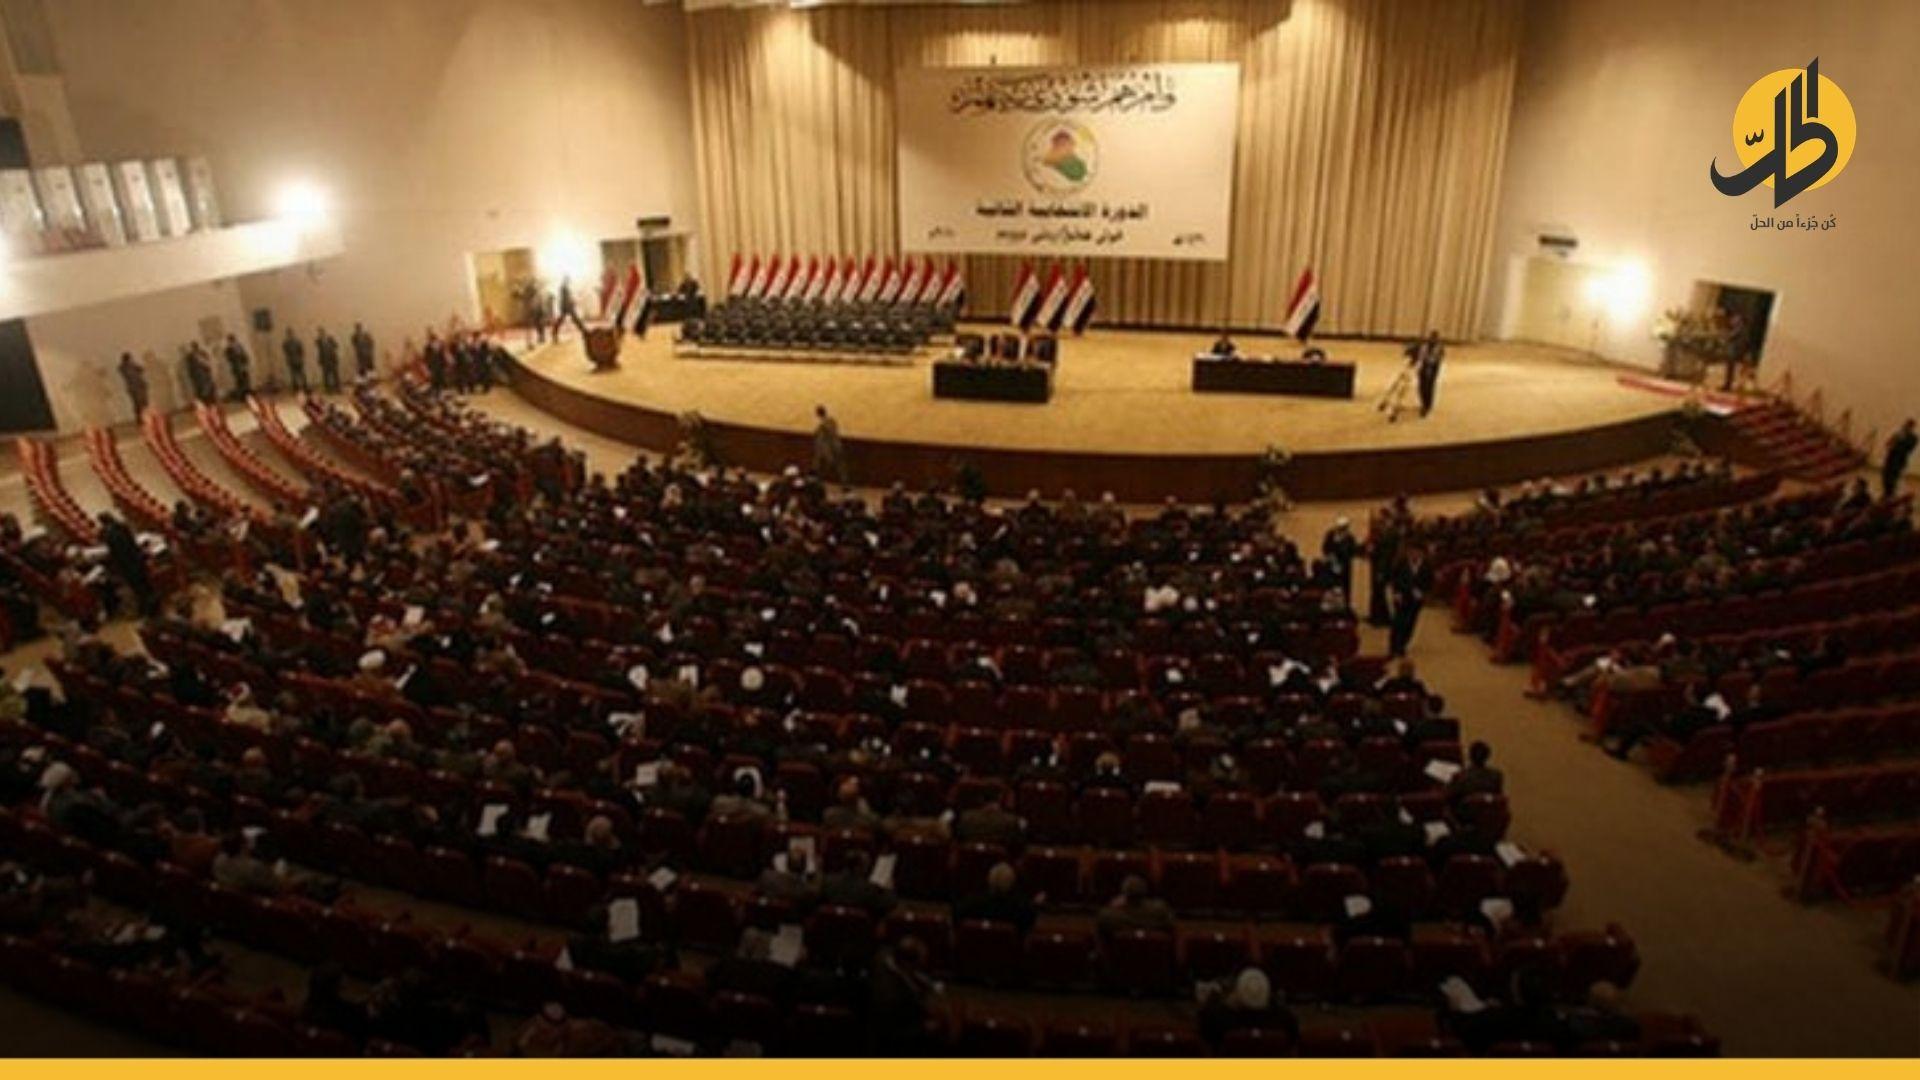 العراق: ما حقيقة توجّهَ الكُرد لمنصب رئاسة البرلمان بدلاً من رئاسة الجمهورية؟